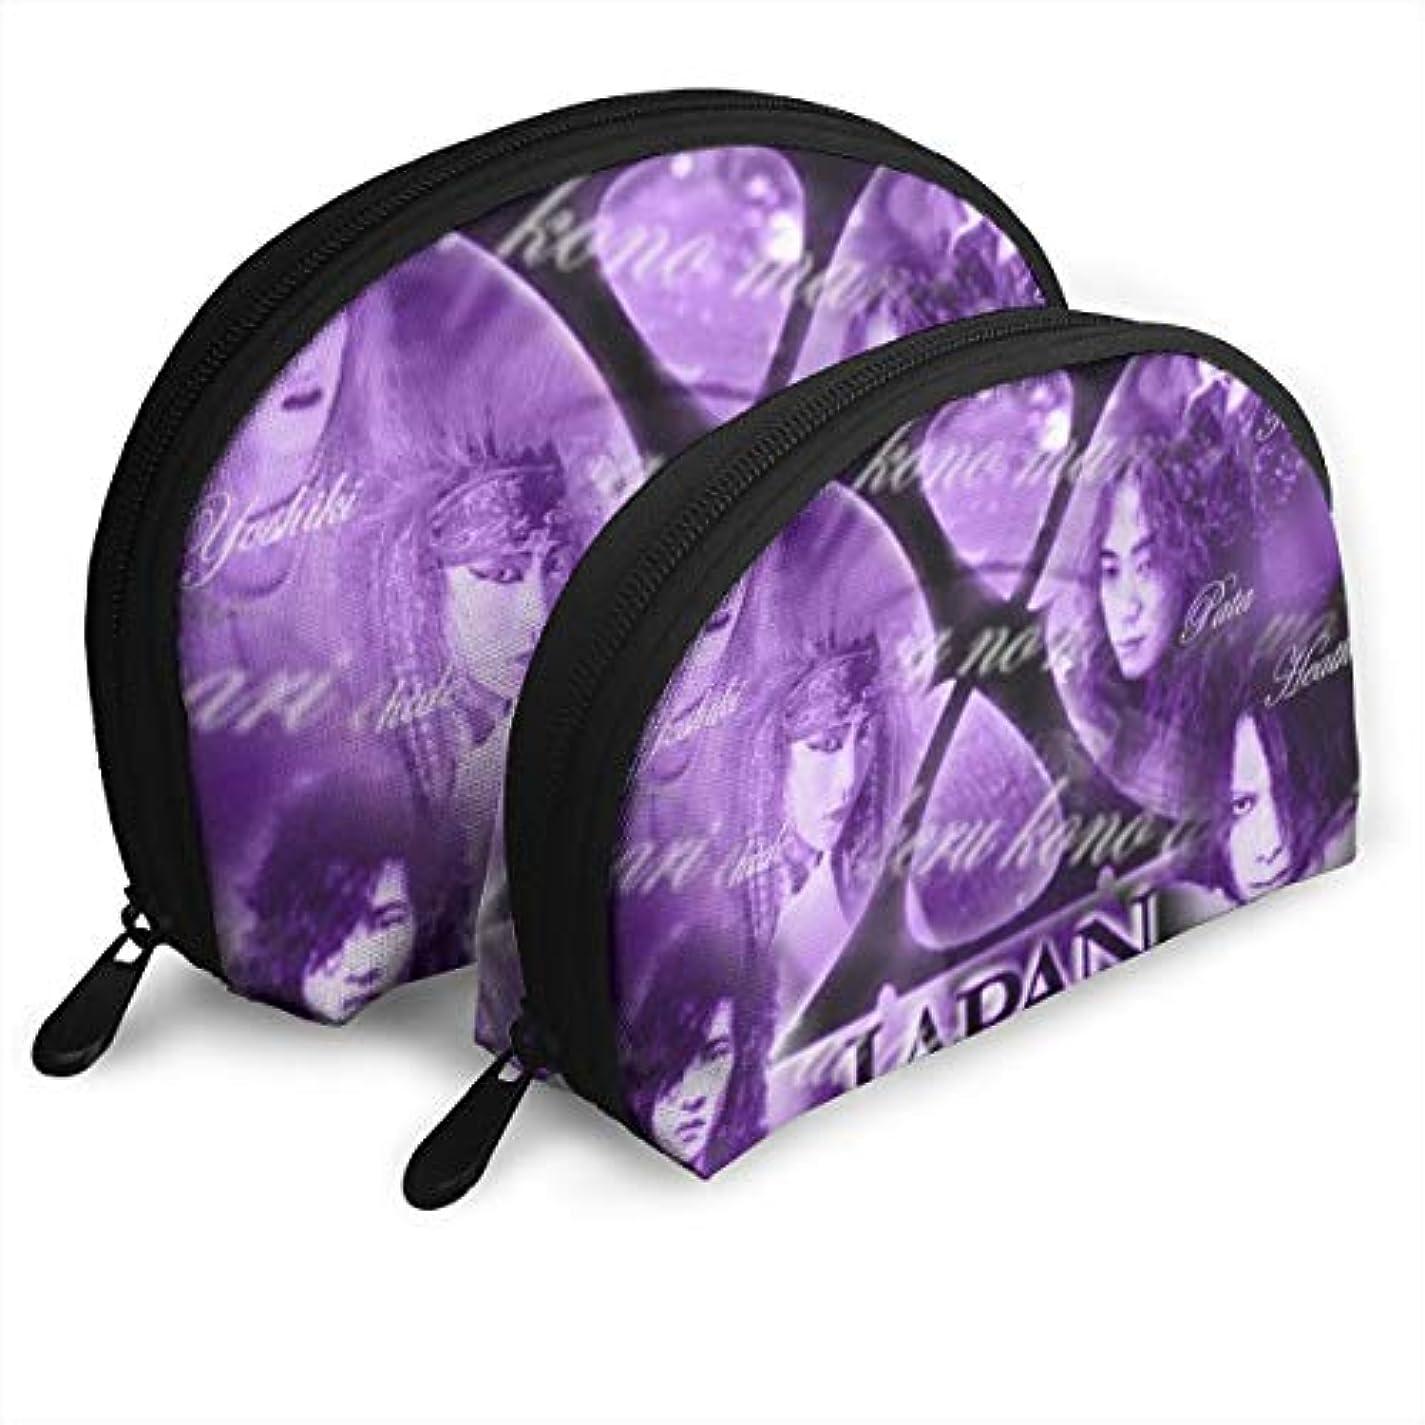 潜水艦陽気な永遠にX-Japan 紫色のスタイル 化粧バッグ セット メイクポーチ 半円仕様 コスメポーチ メイク収納バッグ 小物入れ 出張 旅行メイクバッグ可愛い 男女兼用 プレゼント